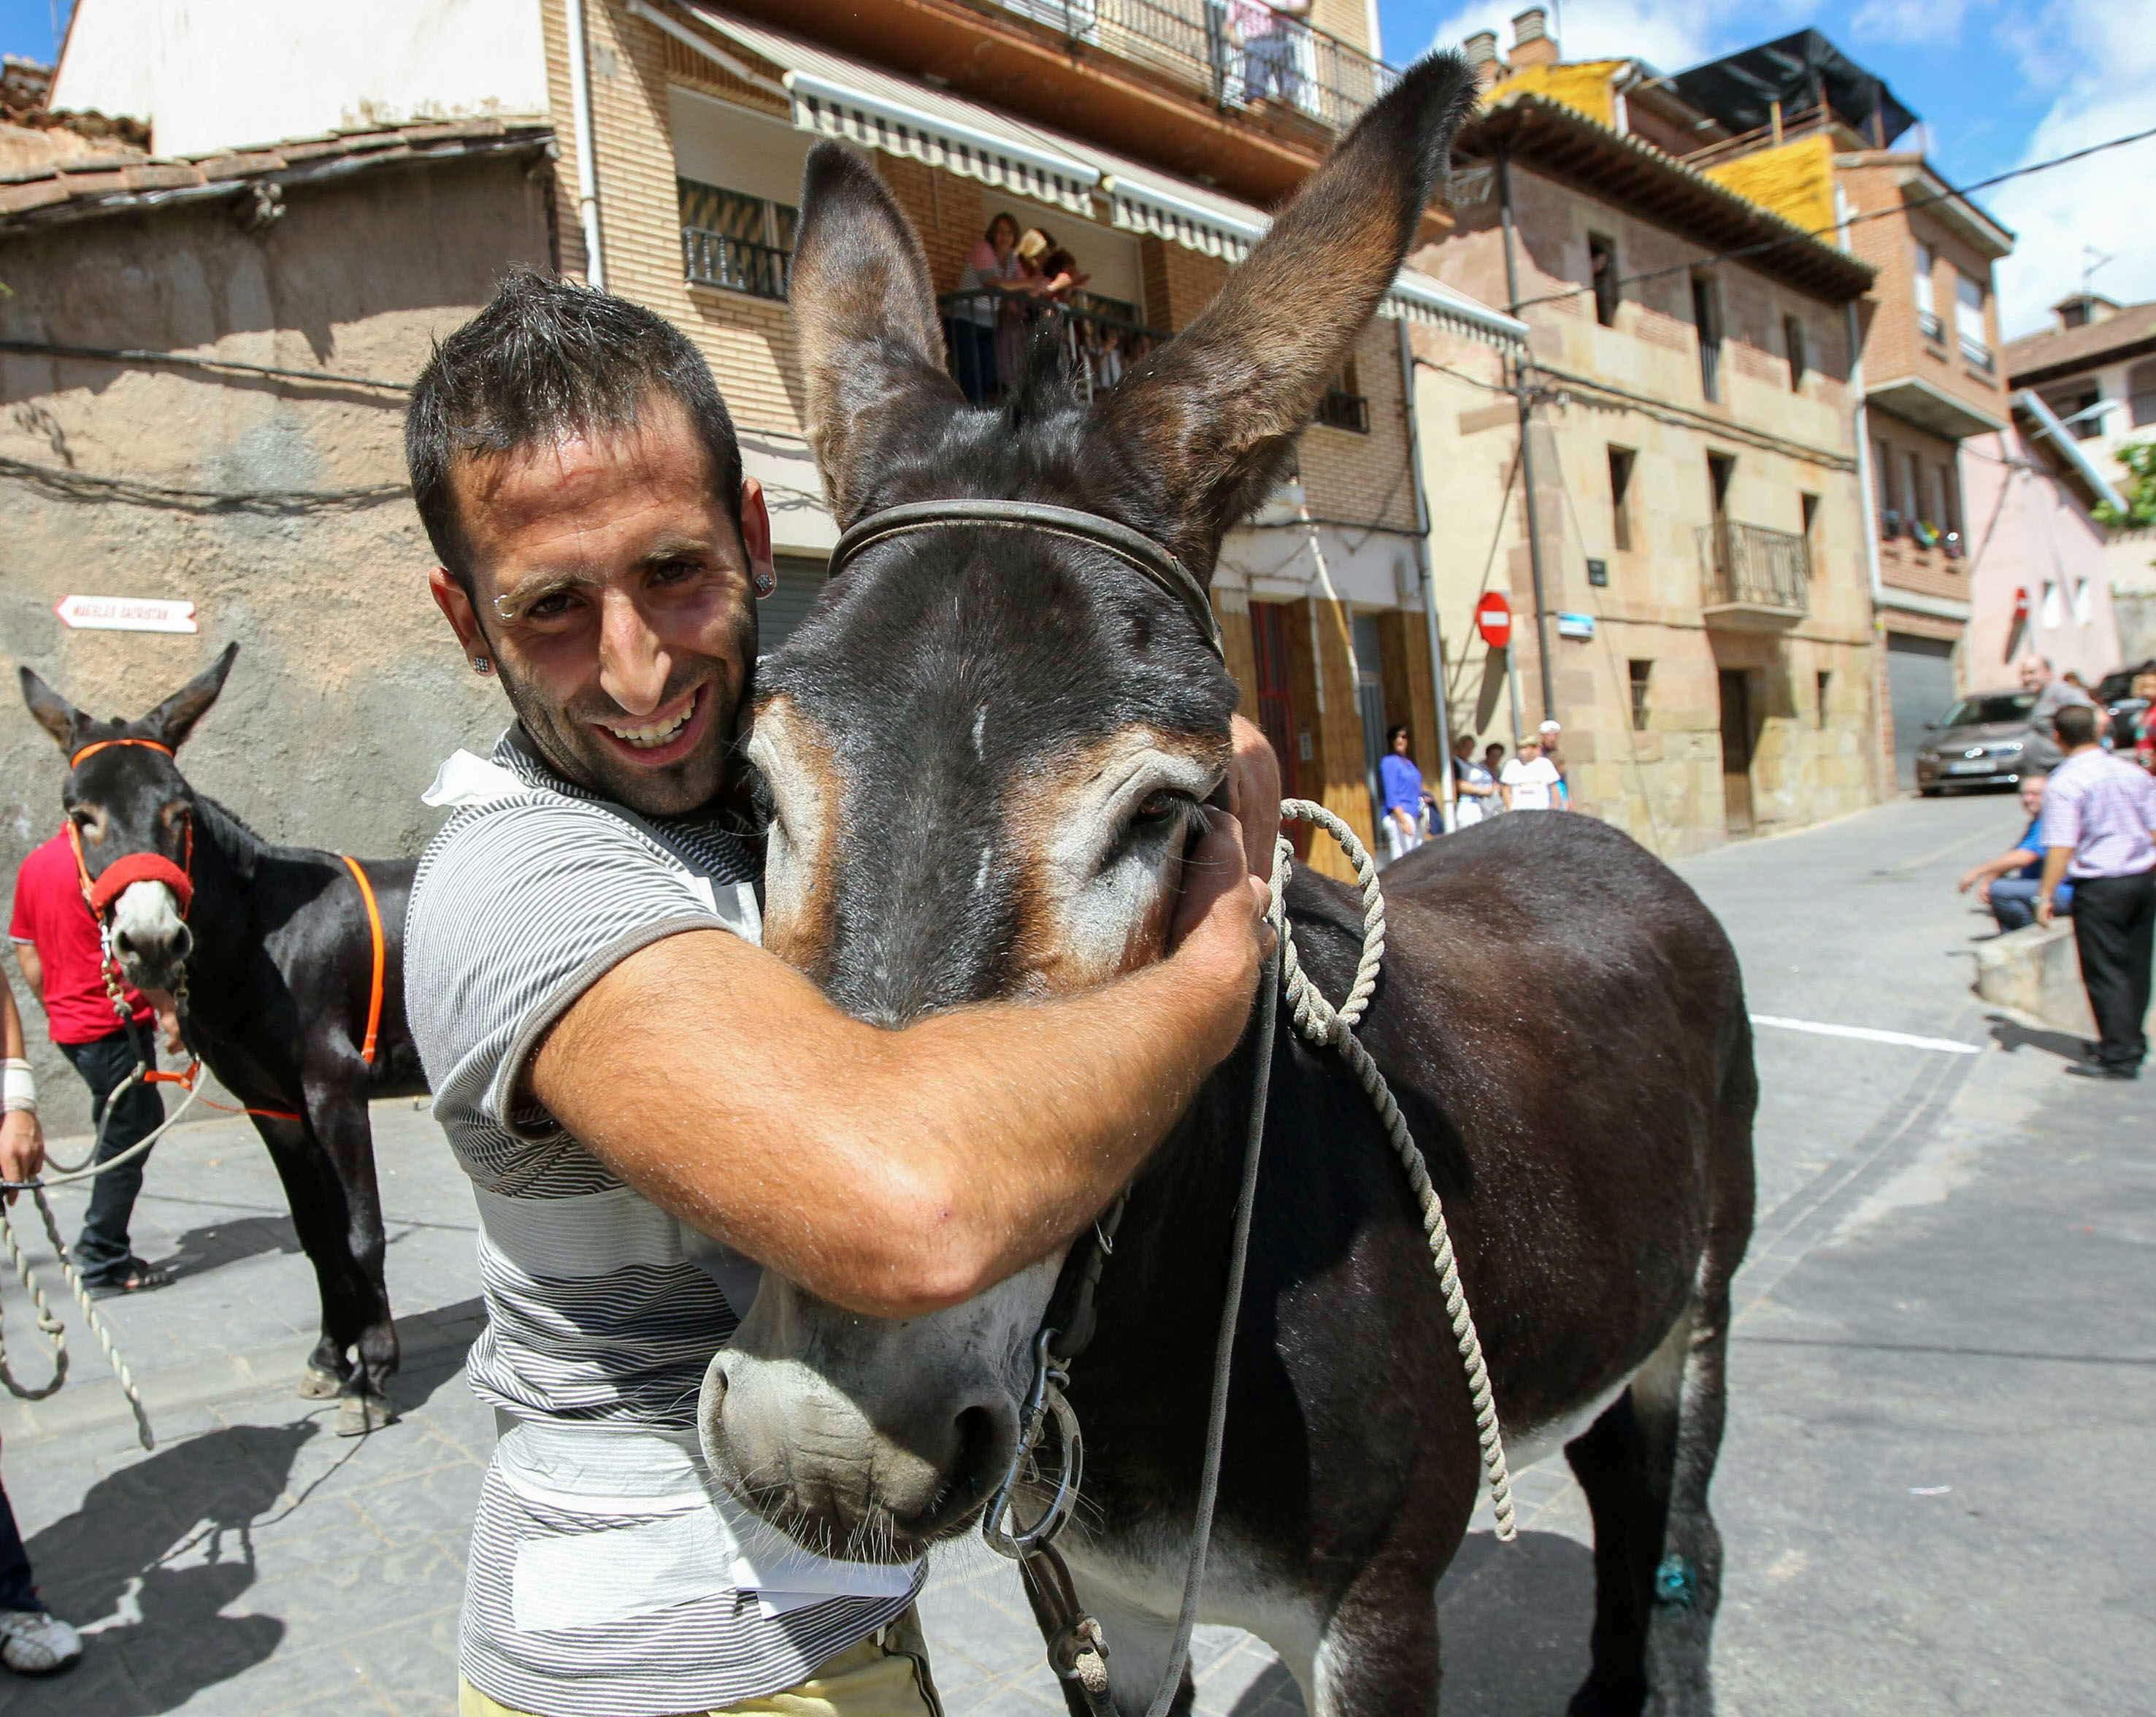 Un egipcio detenido por haber disfrazado de general a un burro